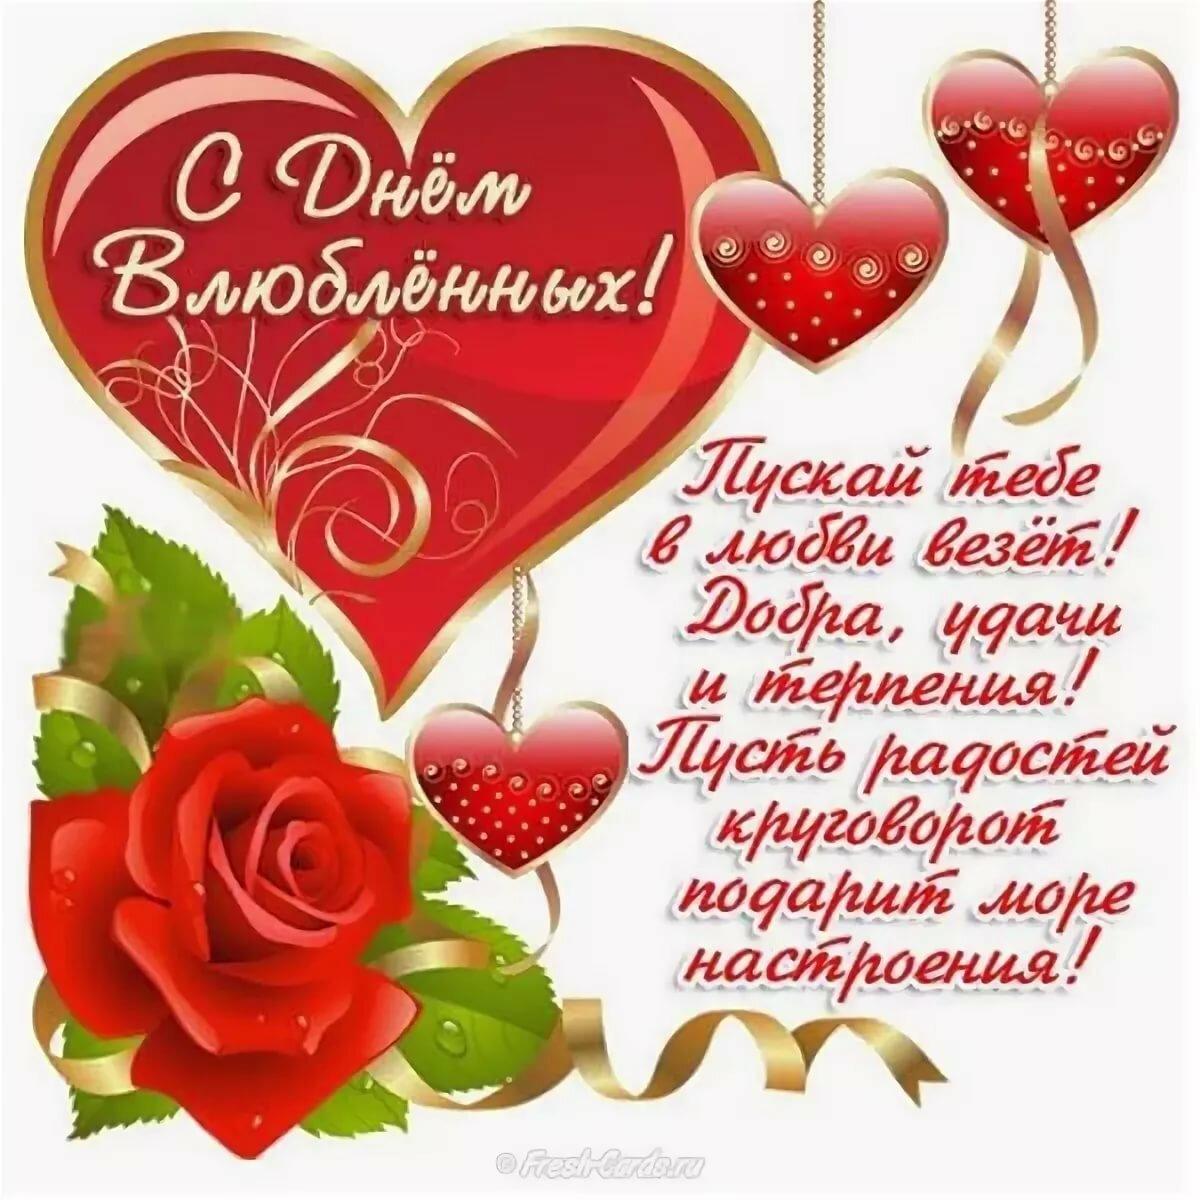 Анимационные, открытки с днем валентины день влюбленых